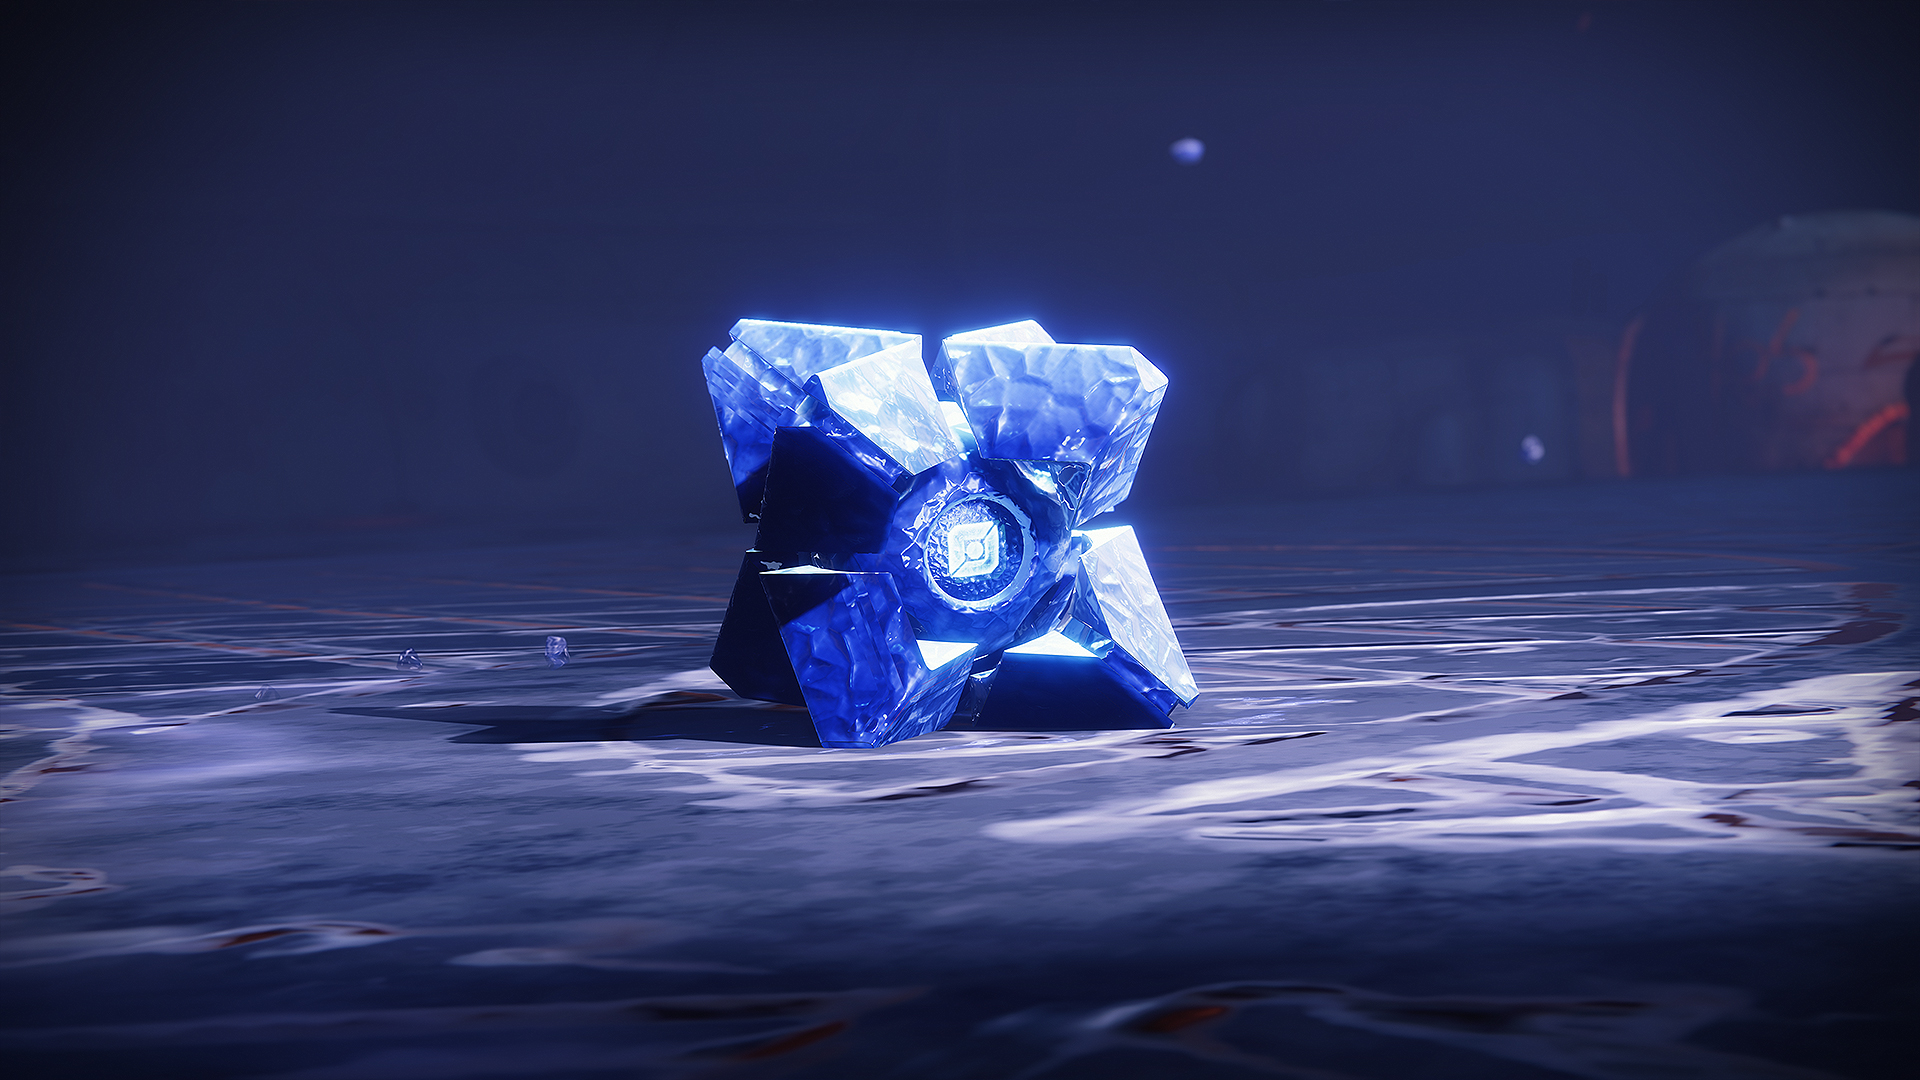 À quelle heure Destiny 2 Beyond Light sera-t-il mis en ligne?